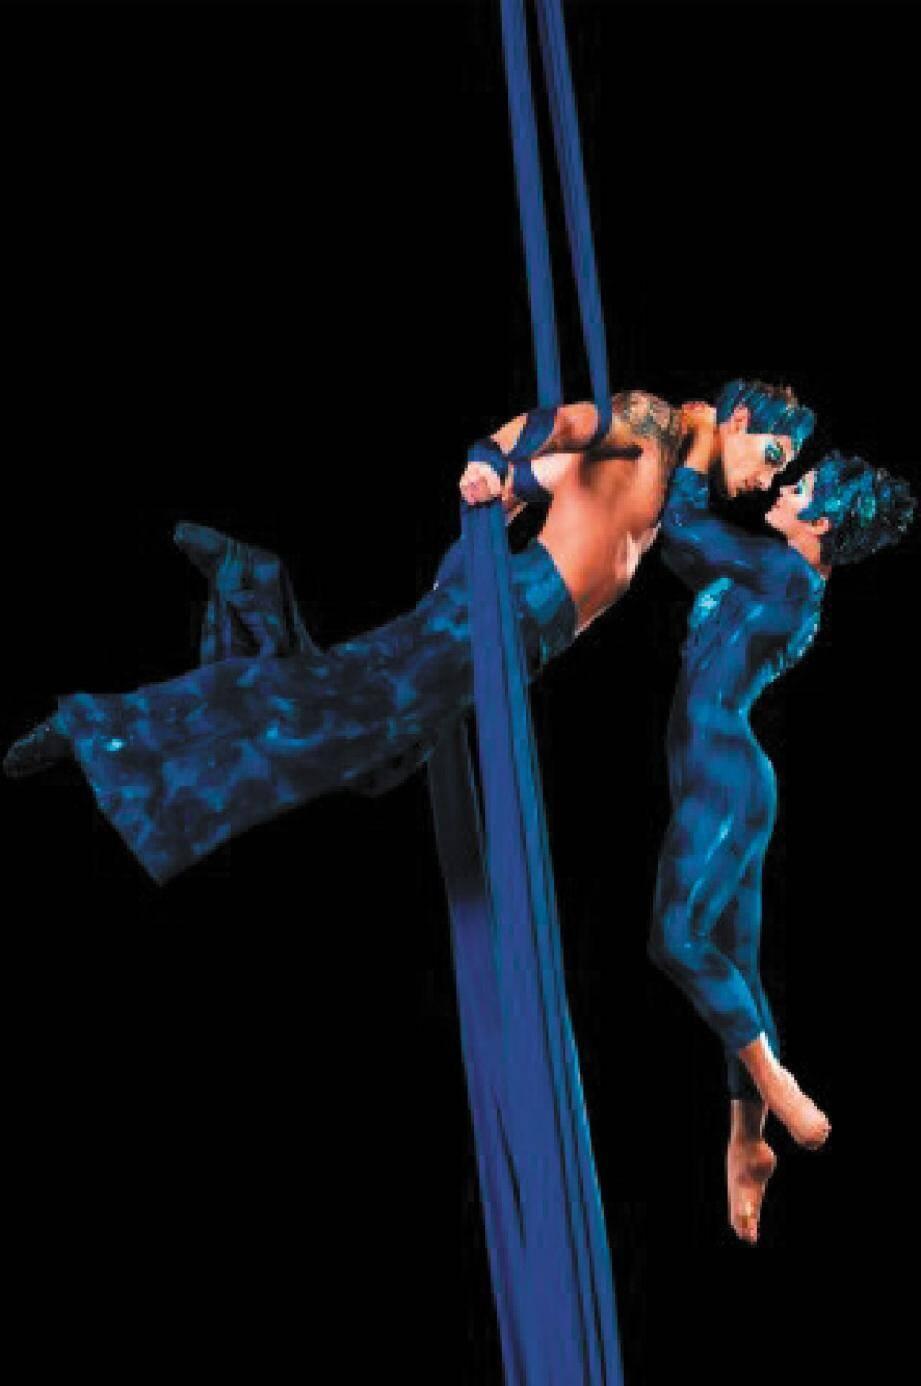 7 Le Cirque du Soleil s'installe au Palais Ni - 21901182.jpg